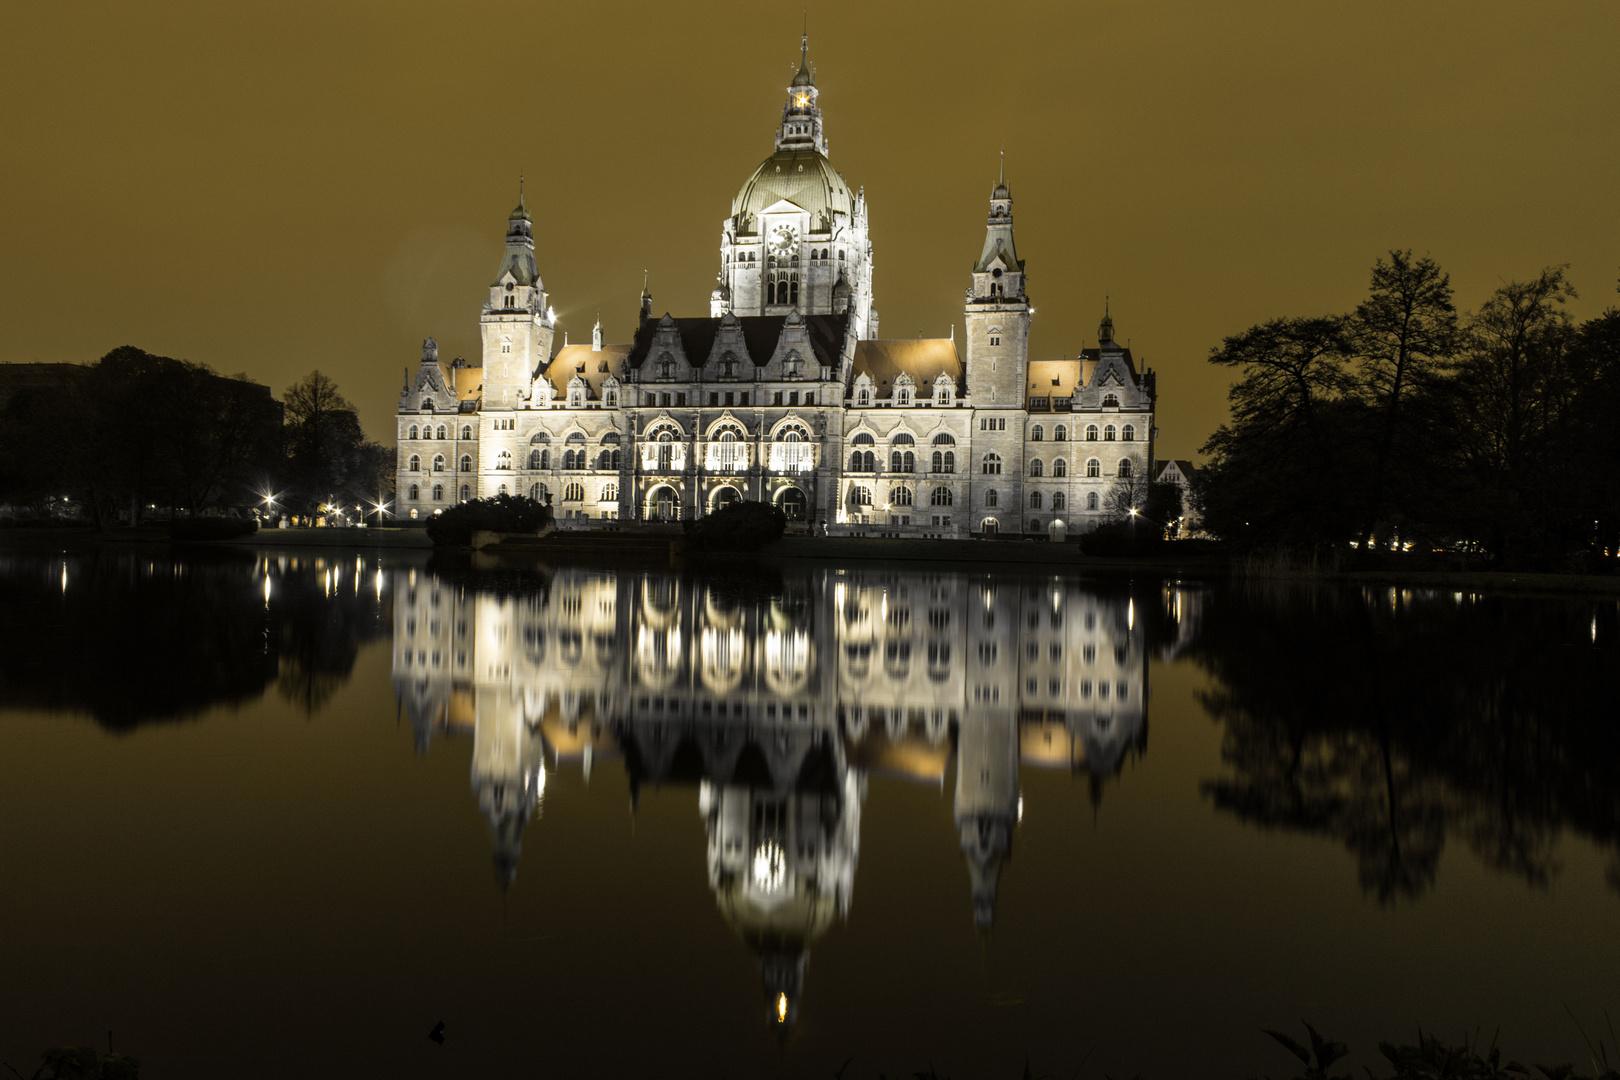 Hannovers Rathaus im goldenen Glanz